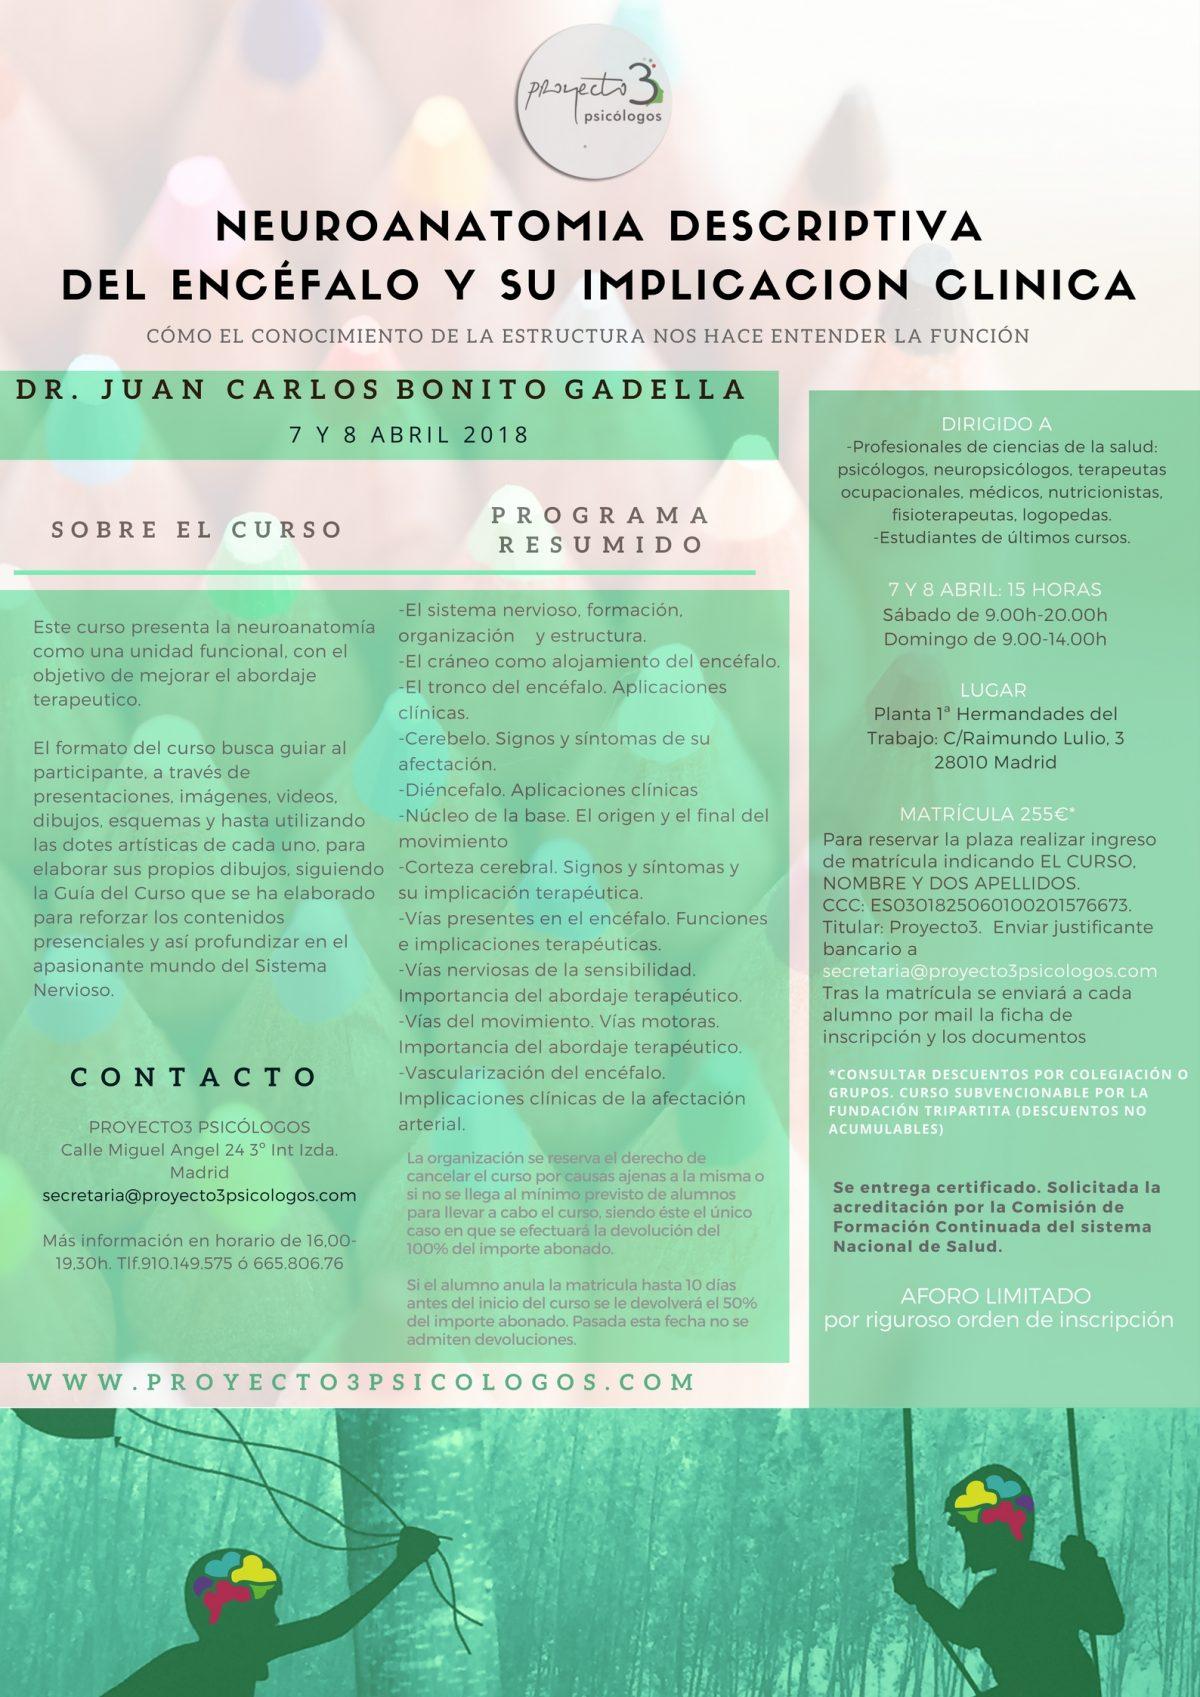 POSTER-NEUROANATOMIA-DESCRIPTIVADEL-ENCÉFALO-y-su-implicacion-clinica-1200x1697.jpg